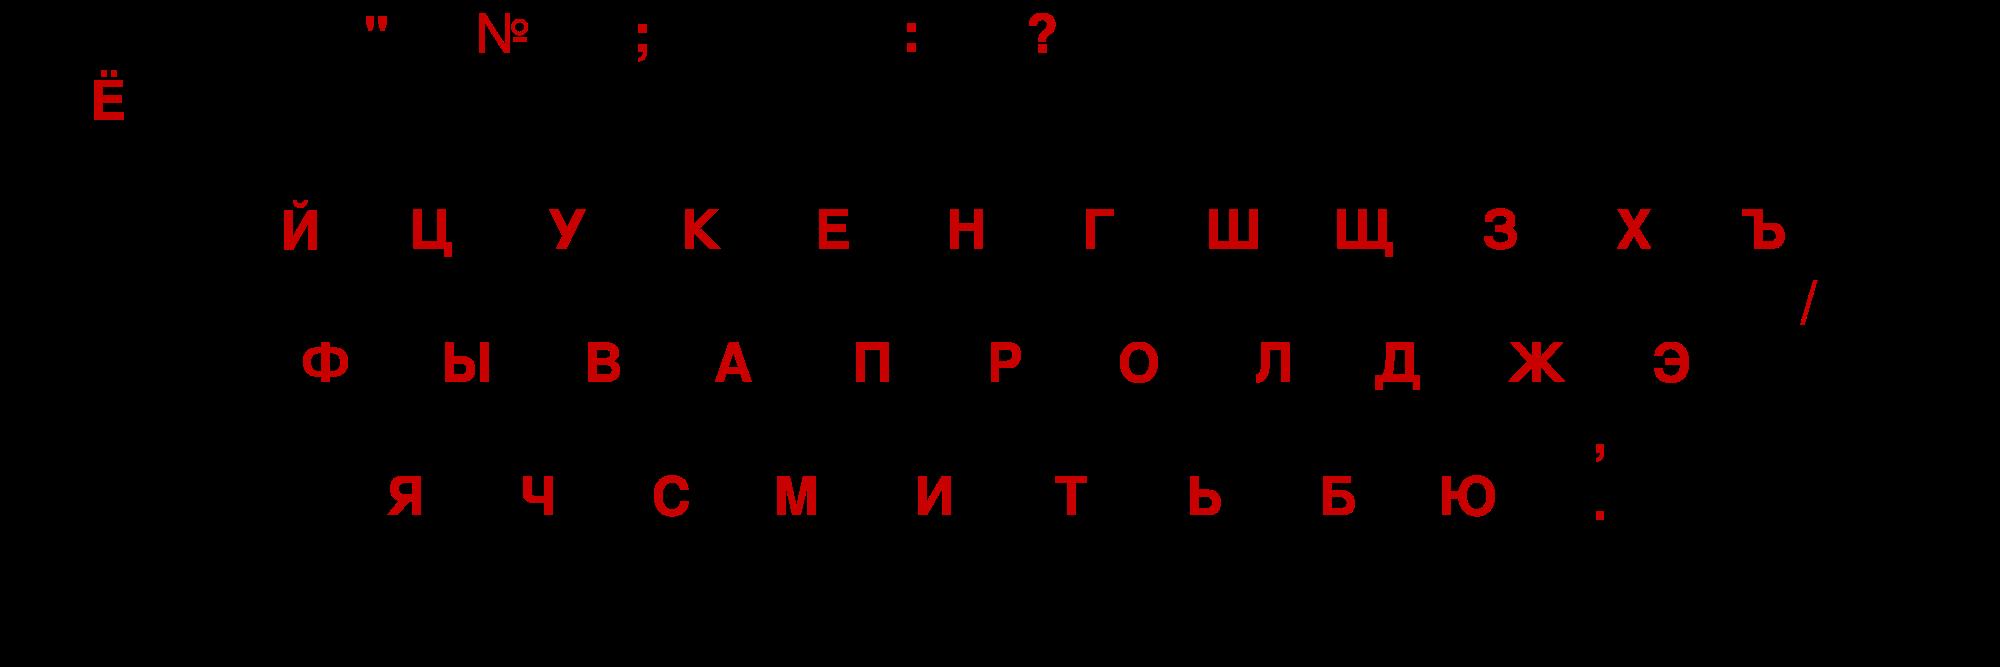 радуемся, клавиатура раскладка русско-английская картинка фото район, как